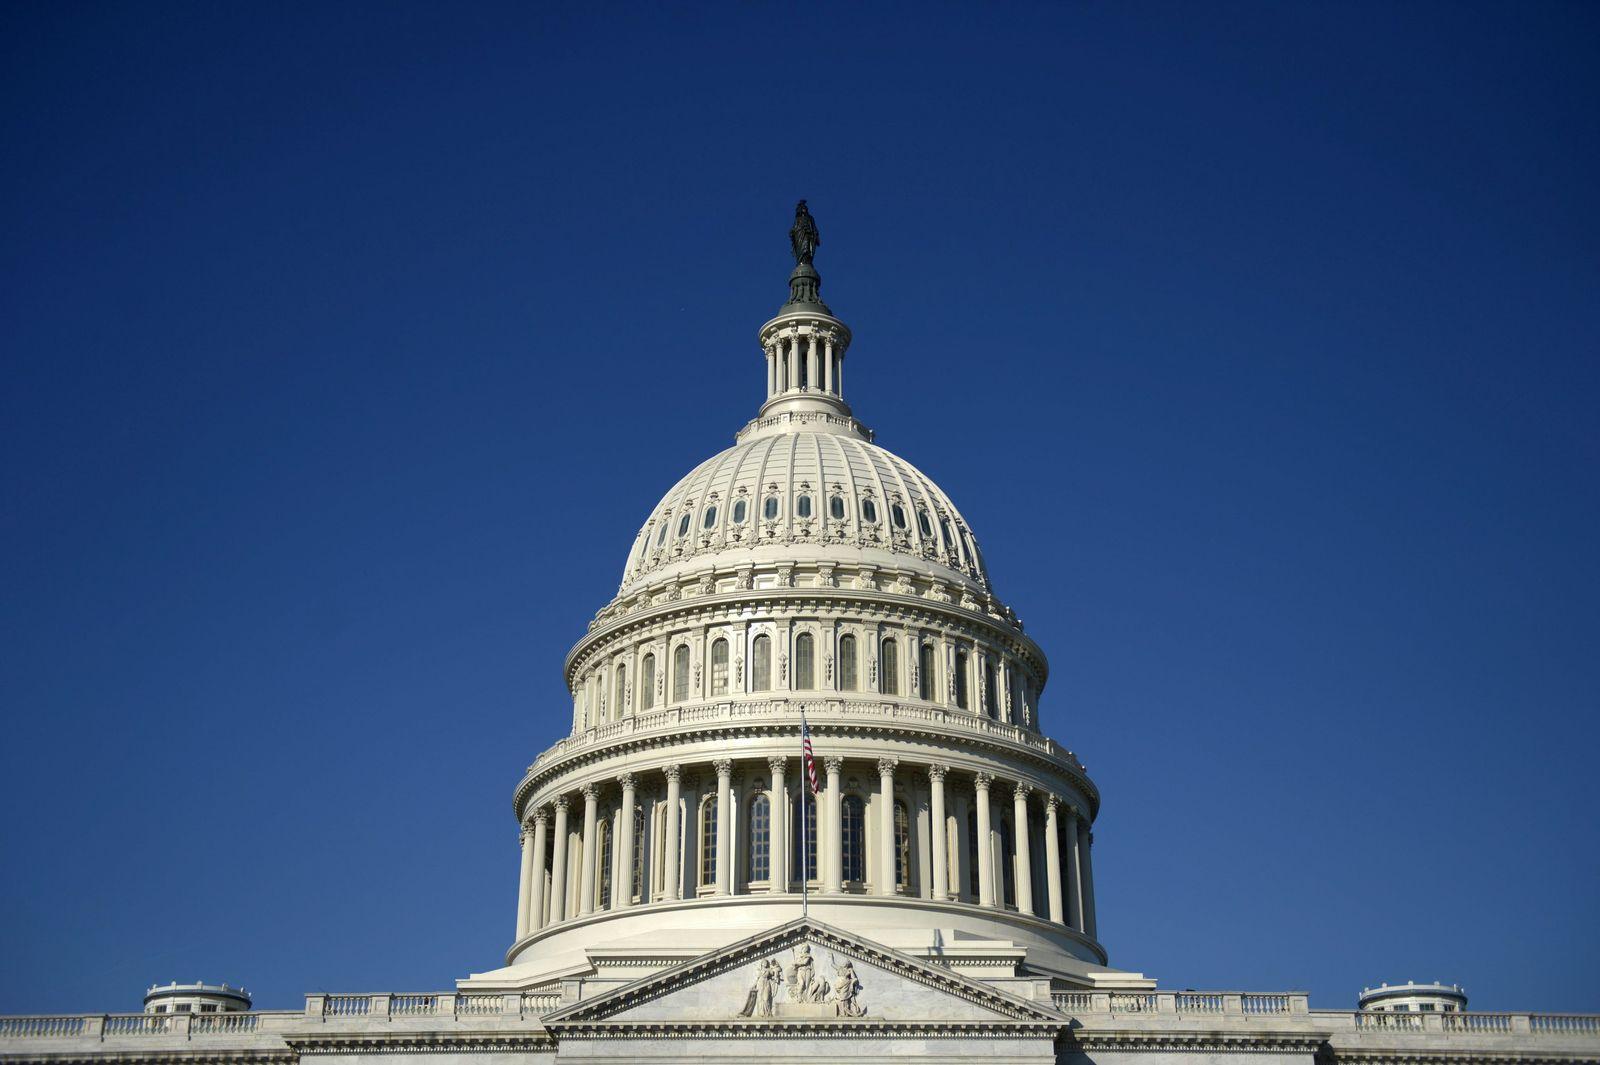 Washington/Capitol